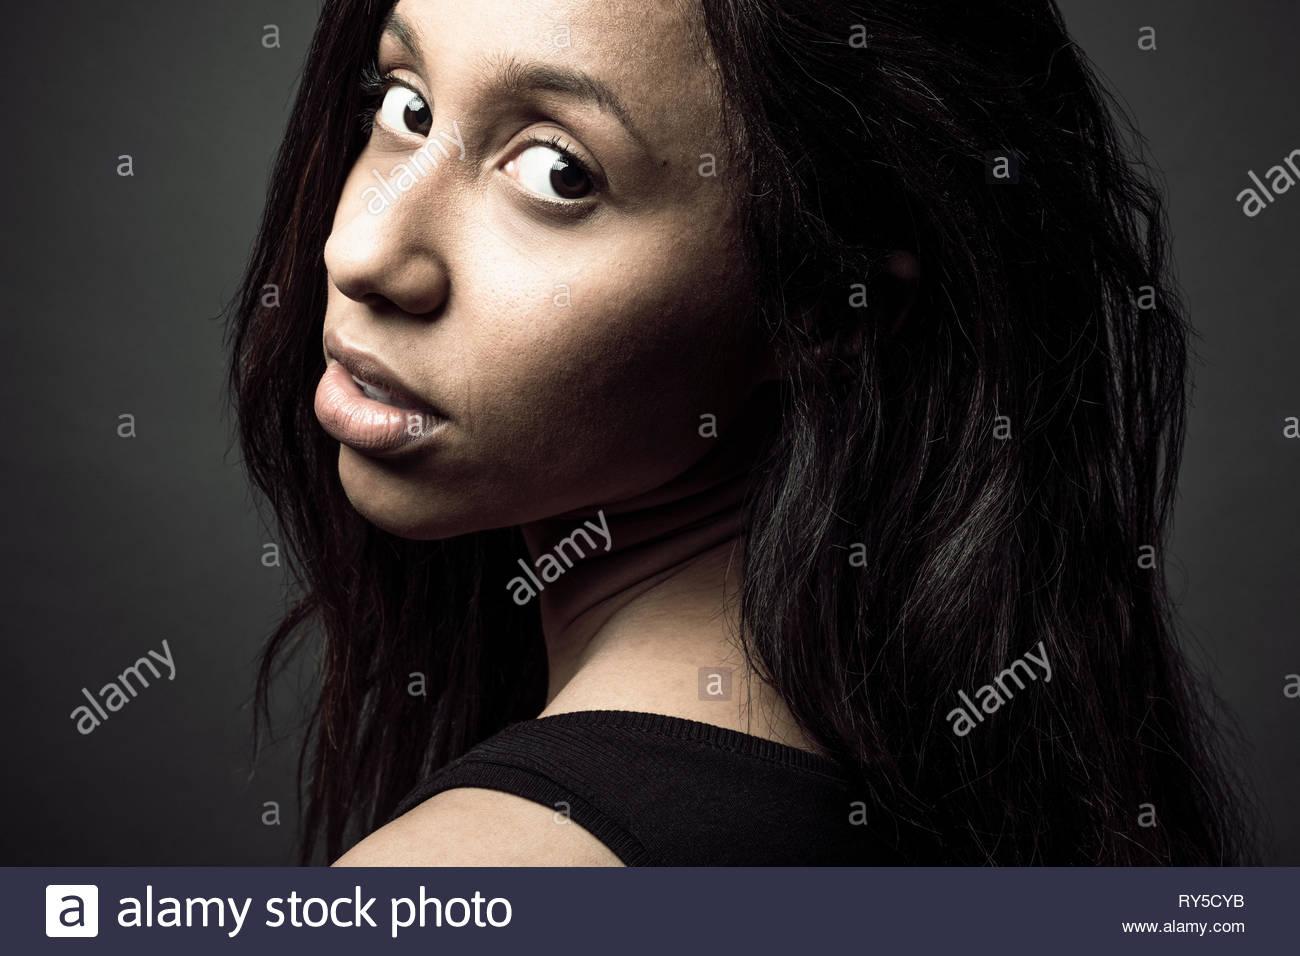 Portrait zuversichtlich Schöne jamaikanische Frau mit langen schwarzen Haaren und braunen Augen Stockbild